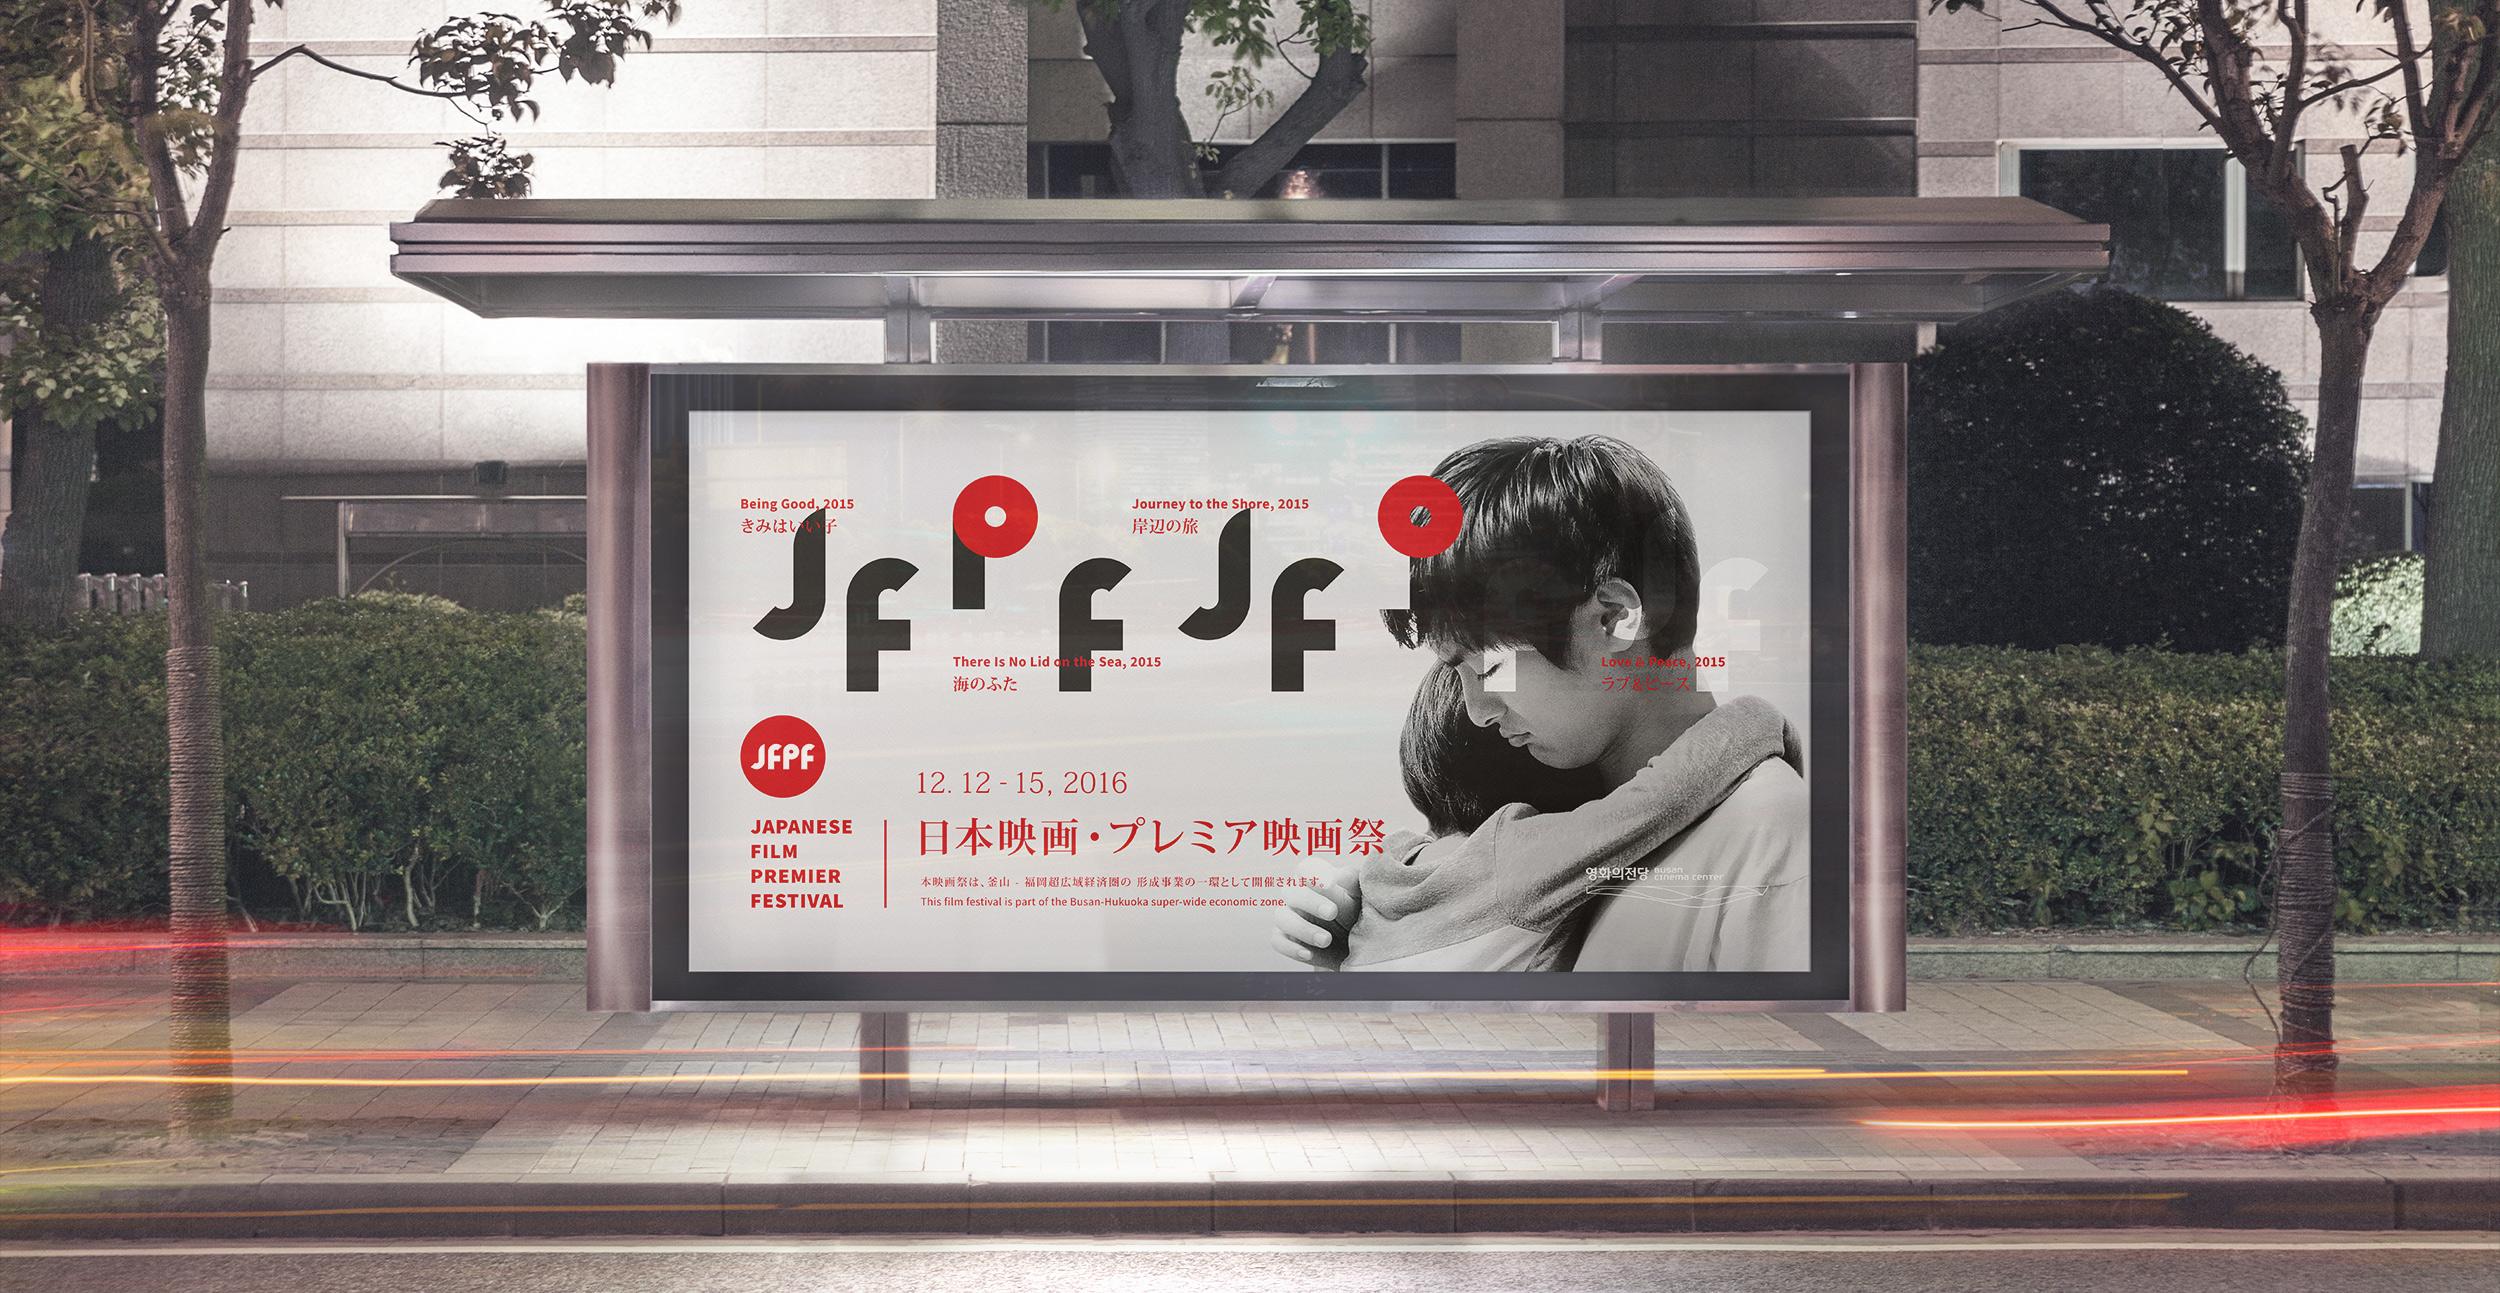 dankelab_jfpf_09